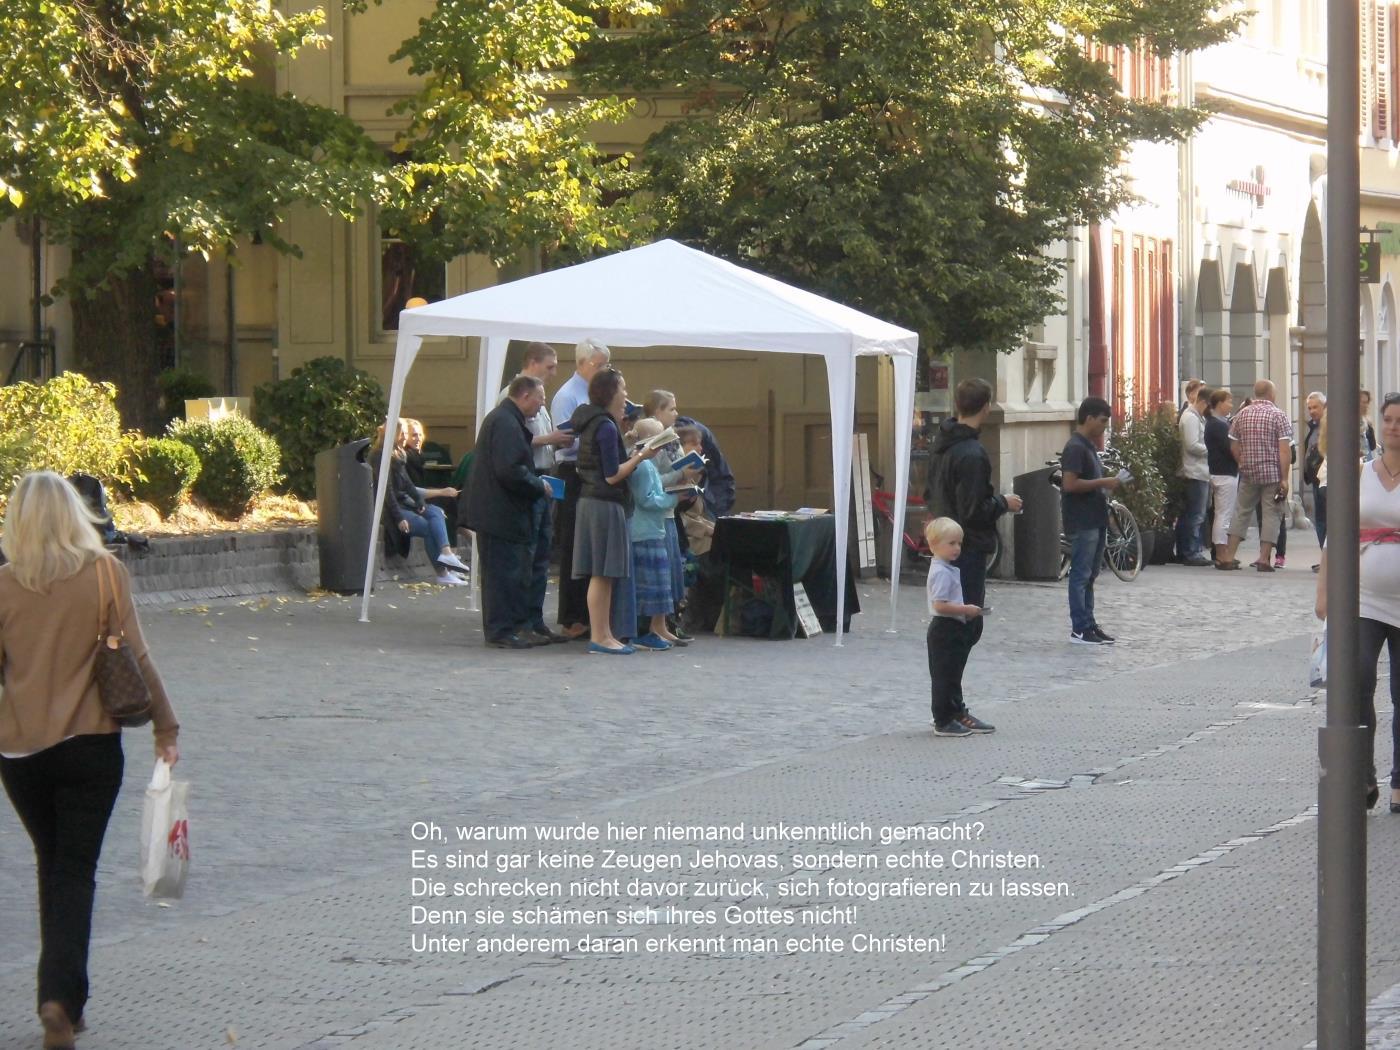 Jehovah's Witnesses in Heidelberg were ashamed